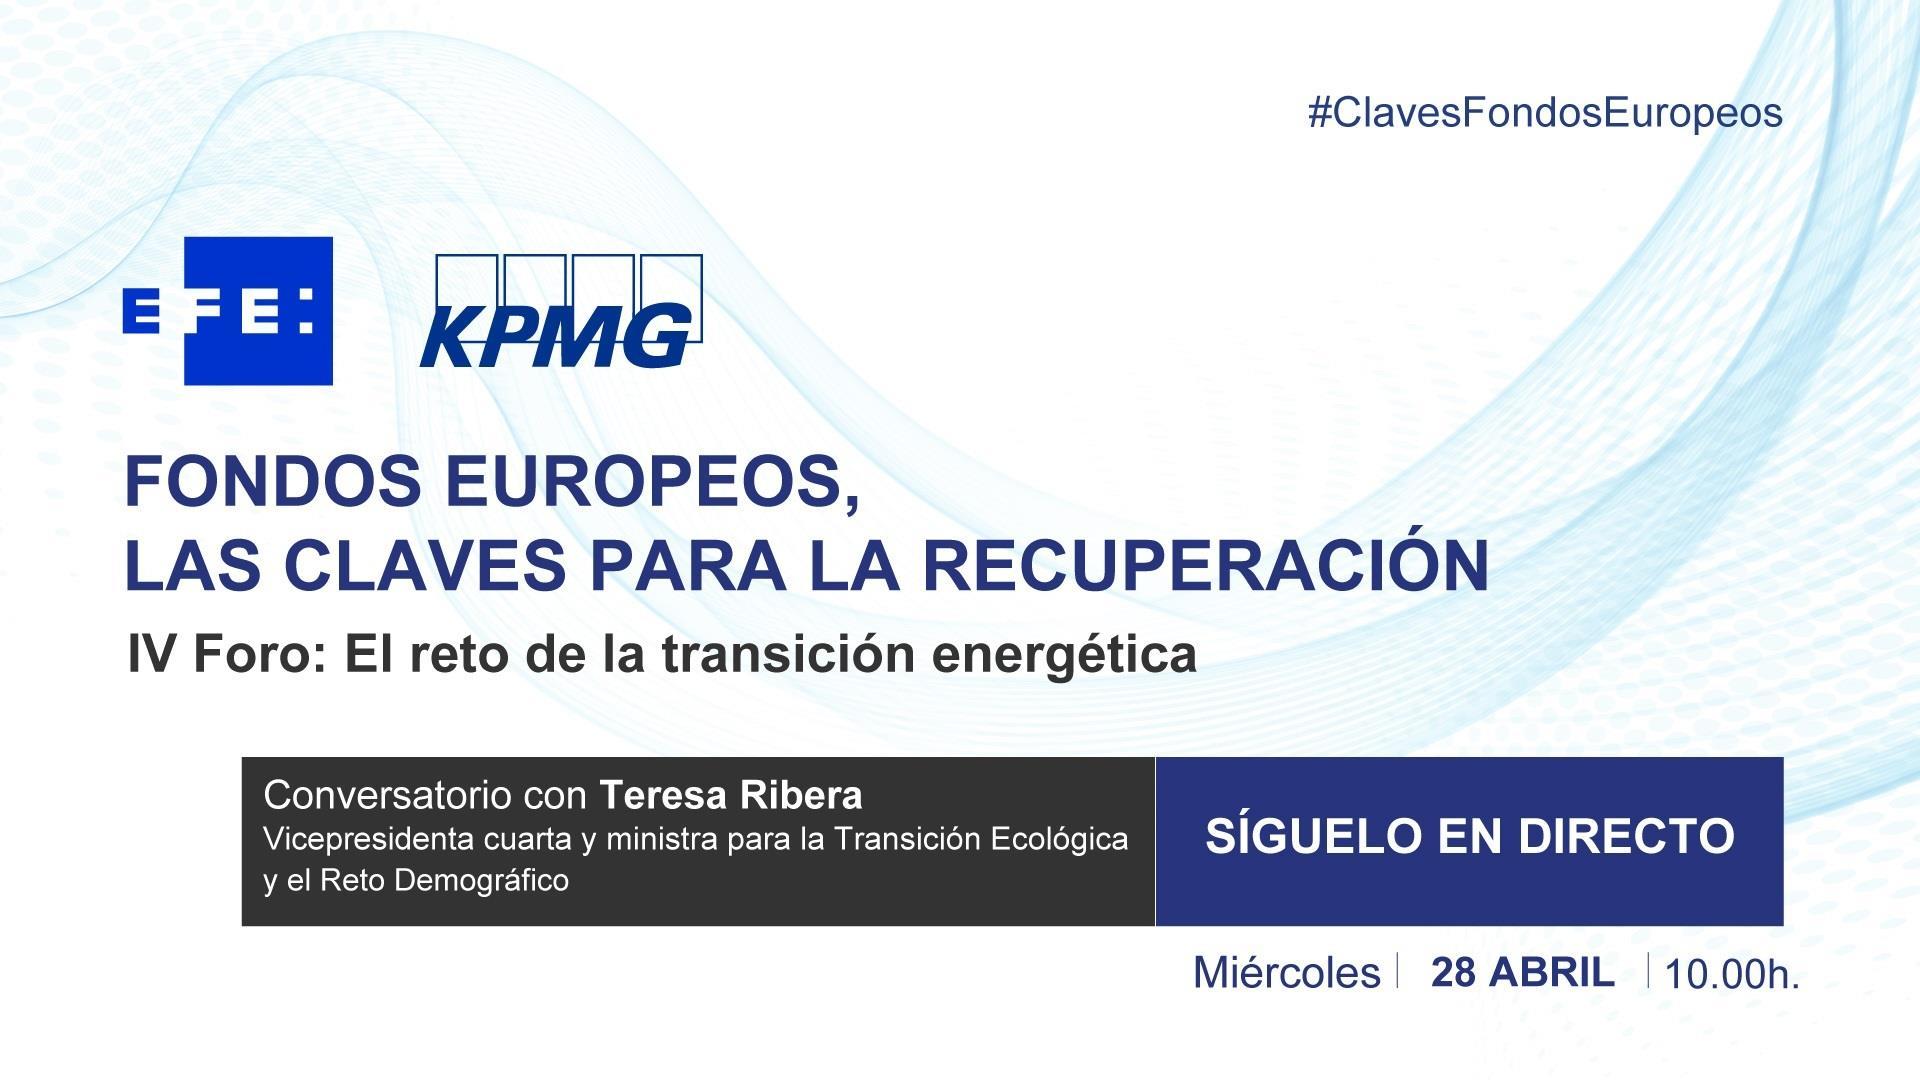 La vicepresidenta cuarta y ministra para la Transición Ecológica y el Reto Demográfico, Teresa Ribera, protagoniza este miércoles el cuarto de los foros que organizan EFE y la consultora KPMG sobre los fondos europeos, que en esta ocasión estará centrado en el reto de la transición energética.EFE